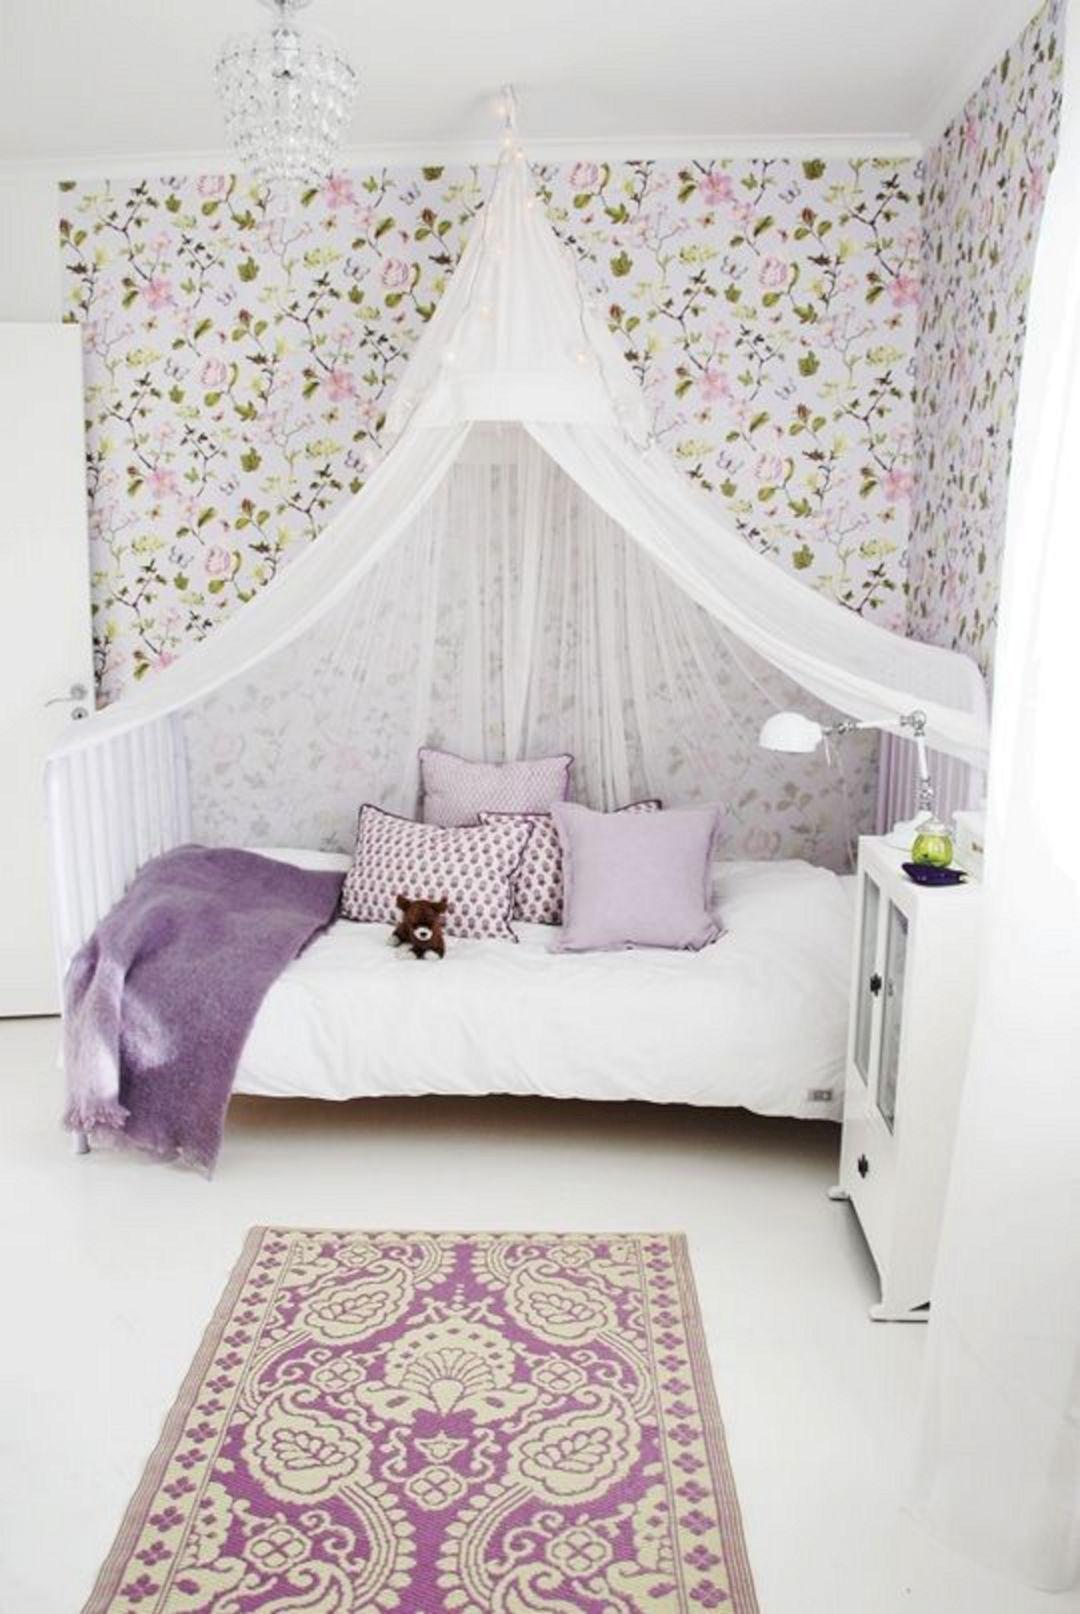 Thiết kế phòng ngủ cho bé gái dễ thương như trong cổ tích làm các bậc phụ huynh phải học tập tức thì - Ảnh 1.